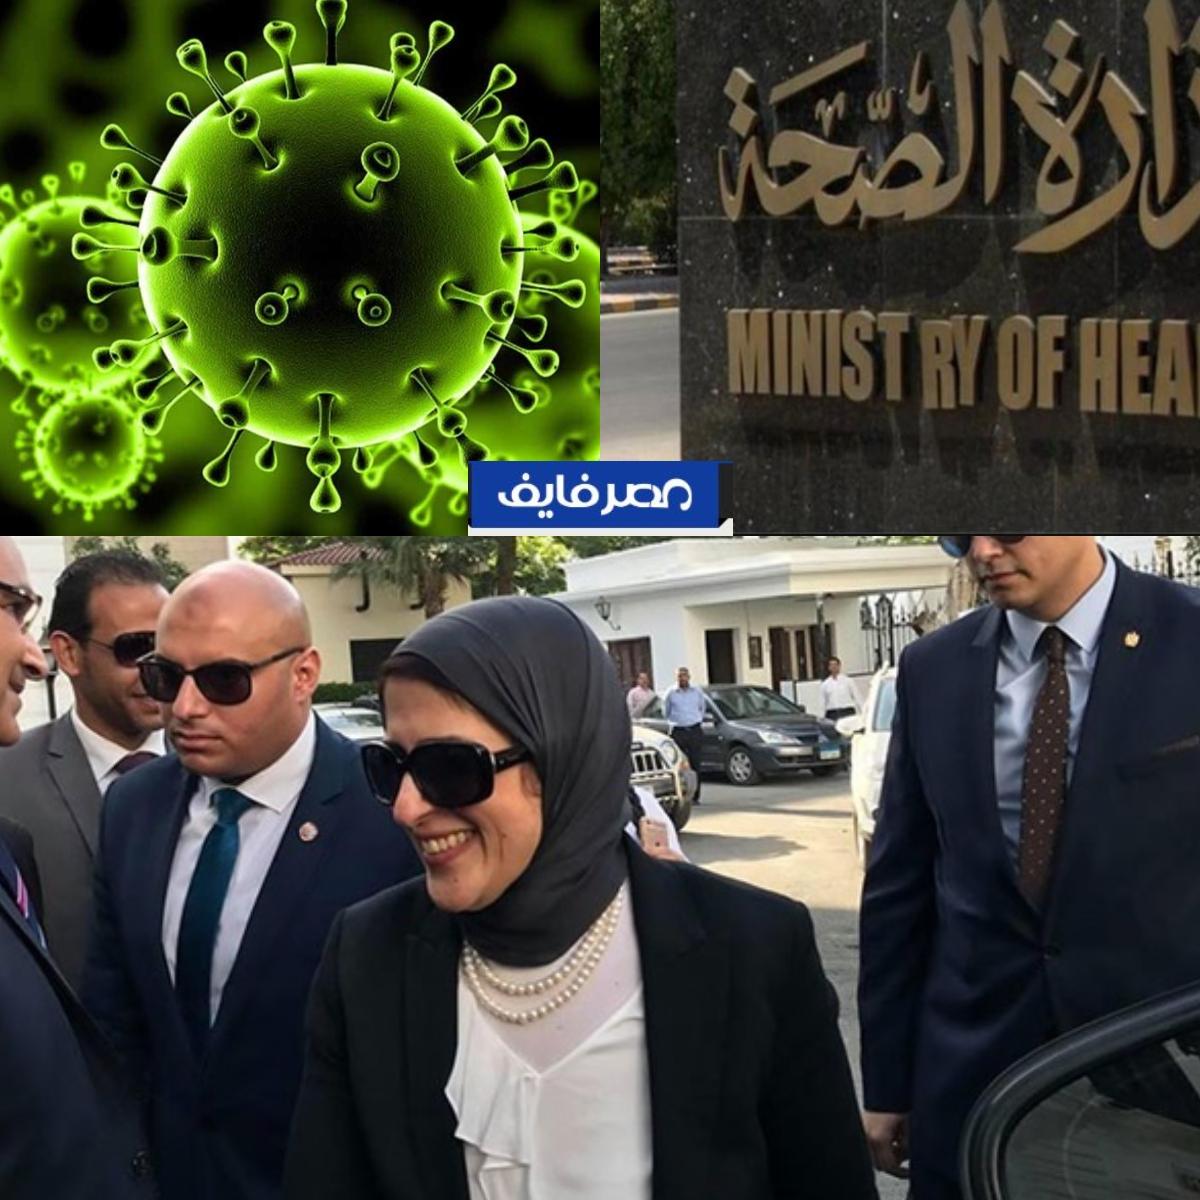 هالة زايد وزيرة الصحة تؤكد نجاح اجراءات الحجر الصحي تجاه فيروس كورونا